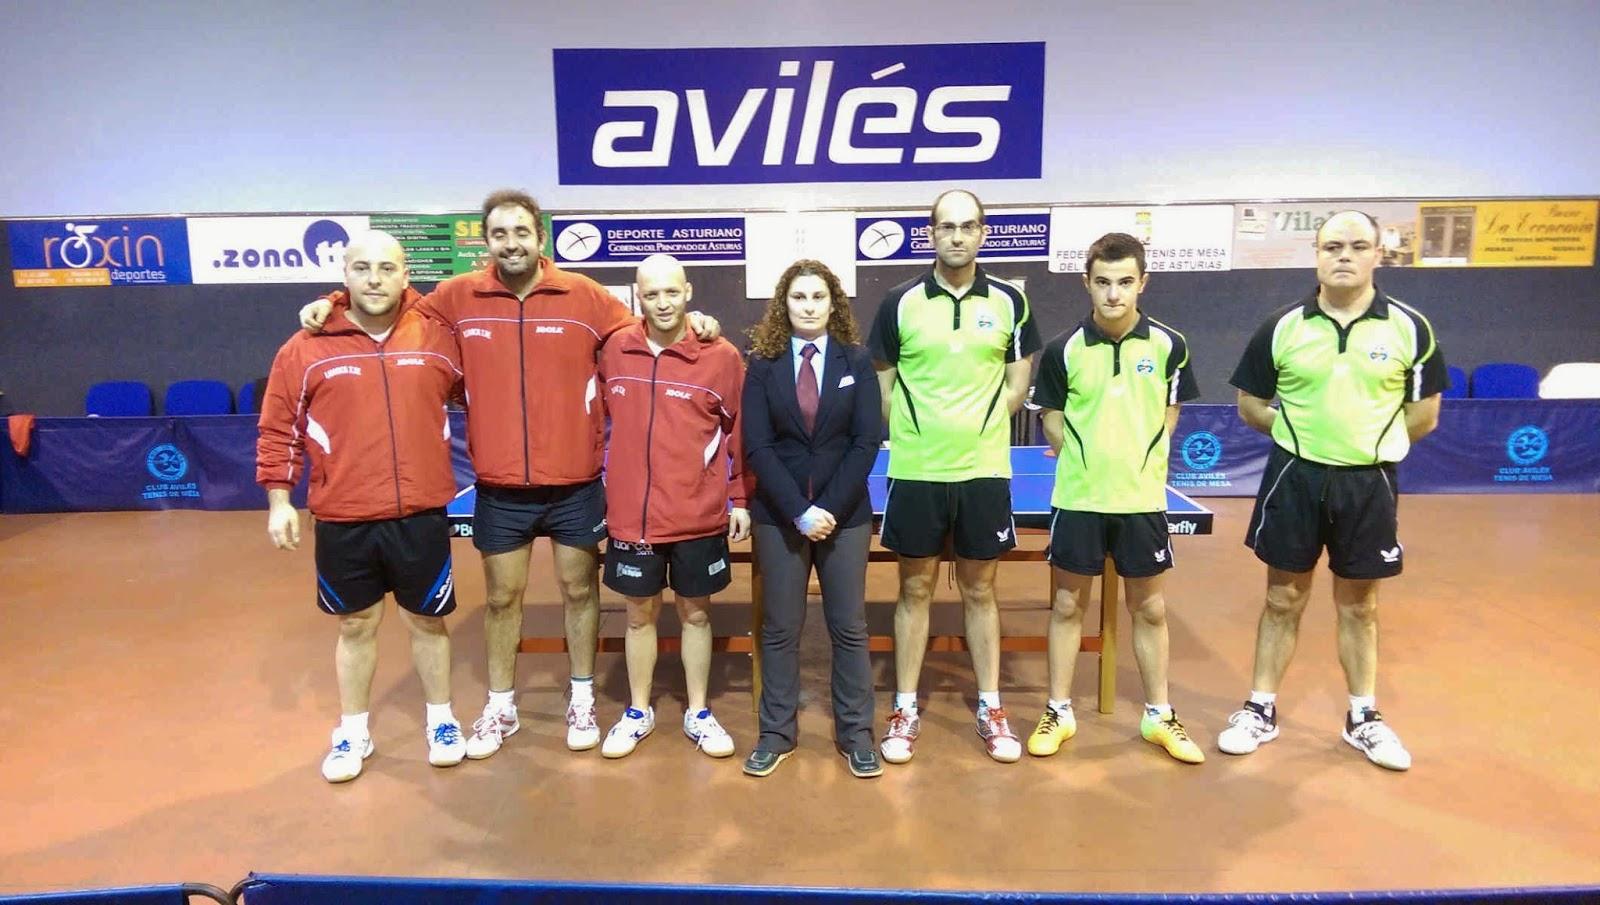 Federaci n de tenis de mesa del principado de asturias enero 2015 - Aviles tenis de mesa ...